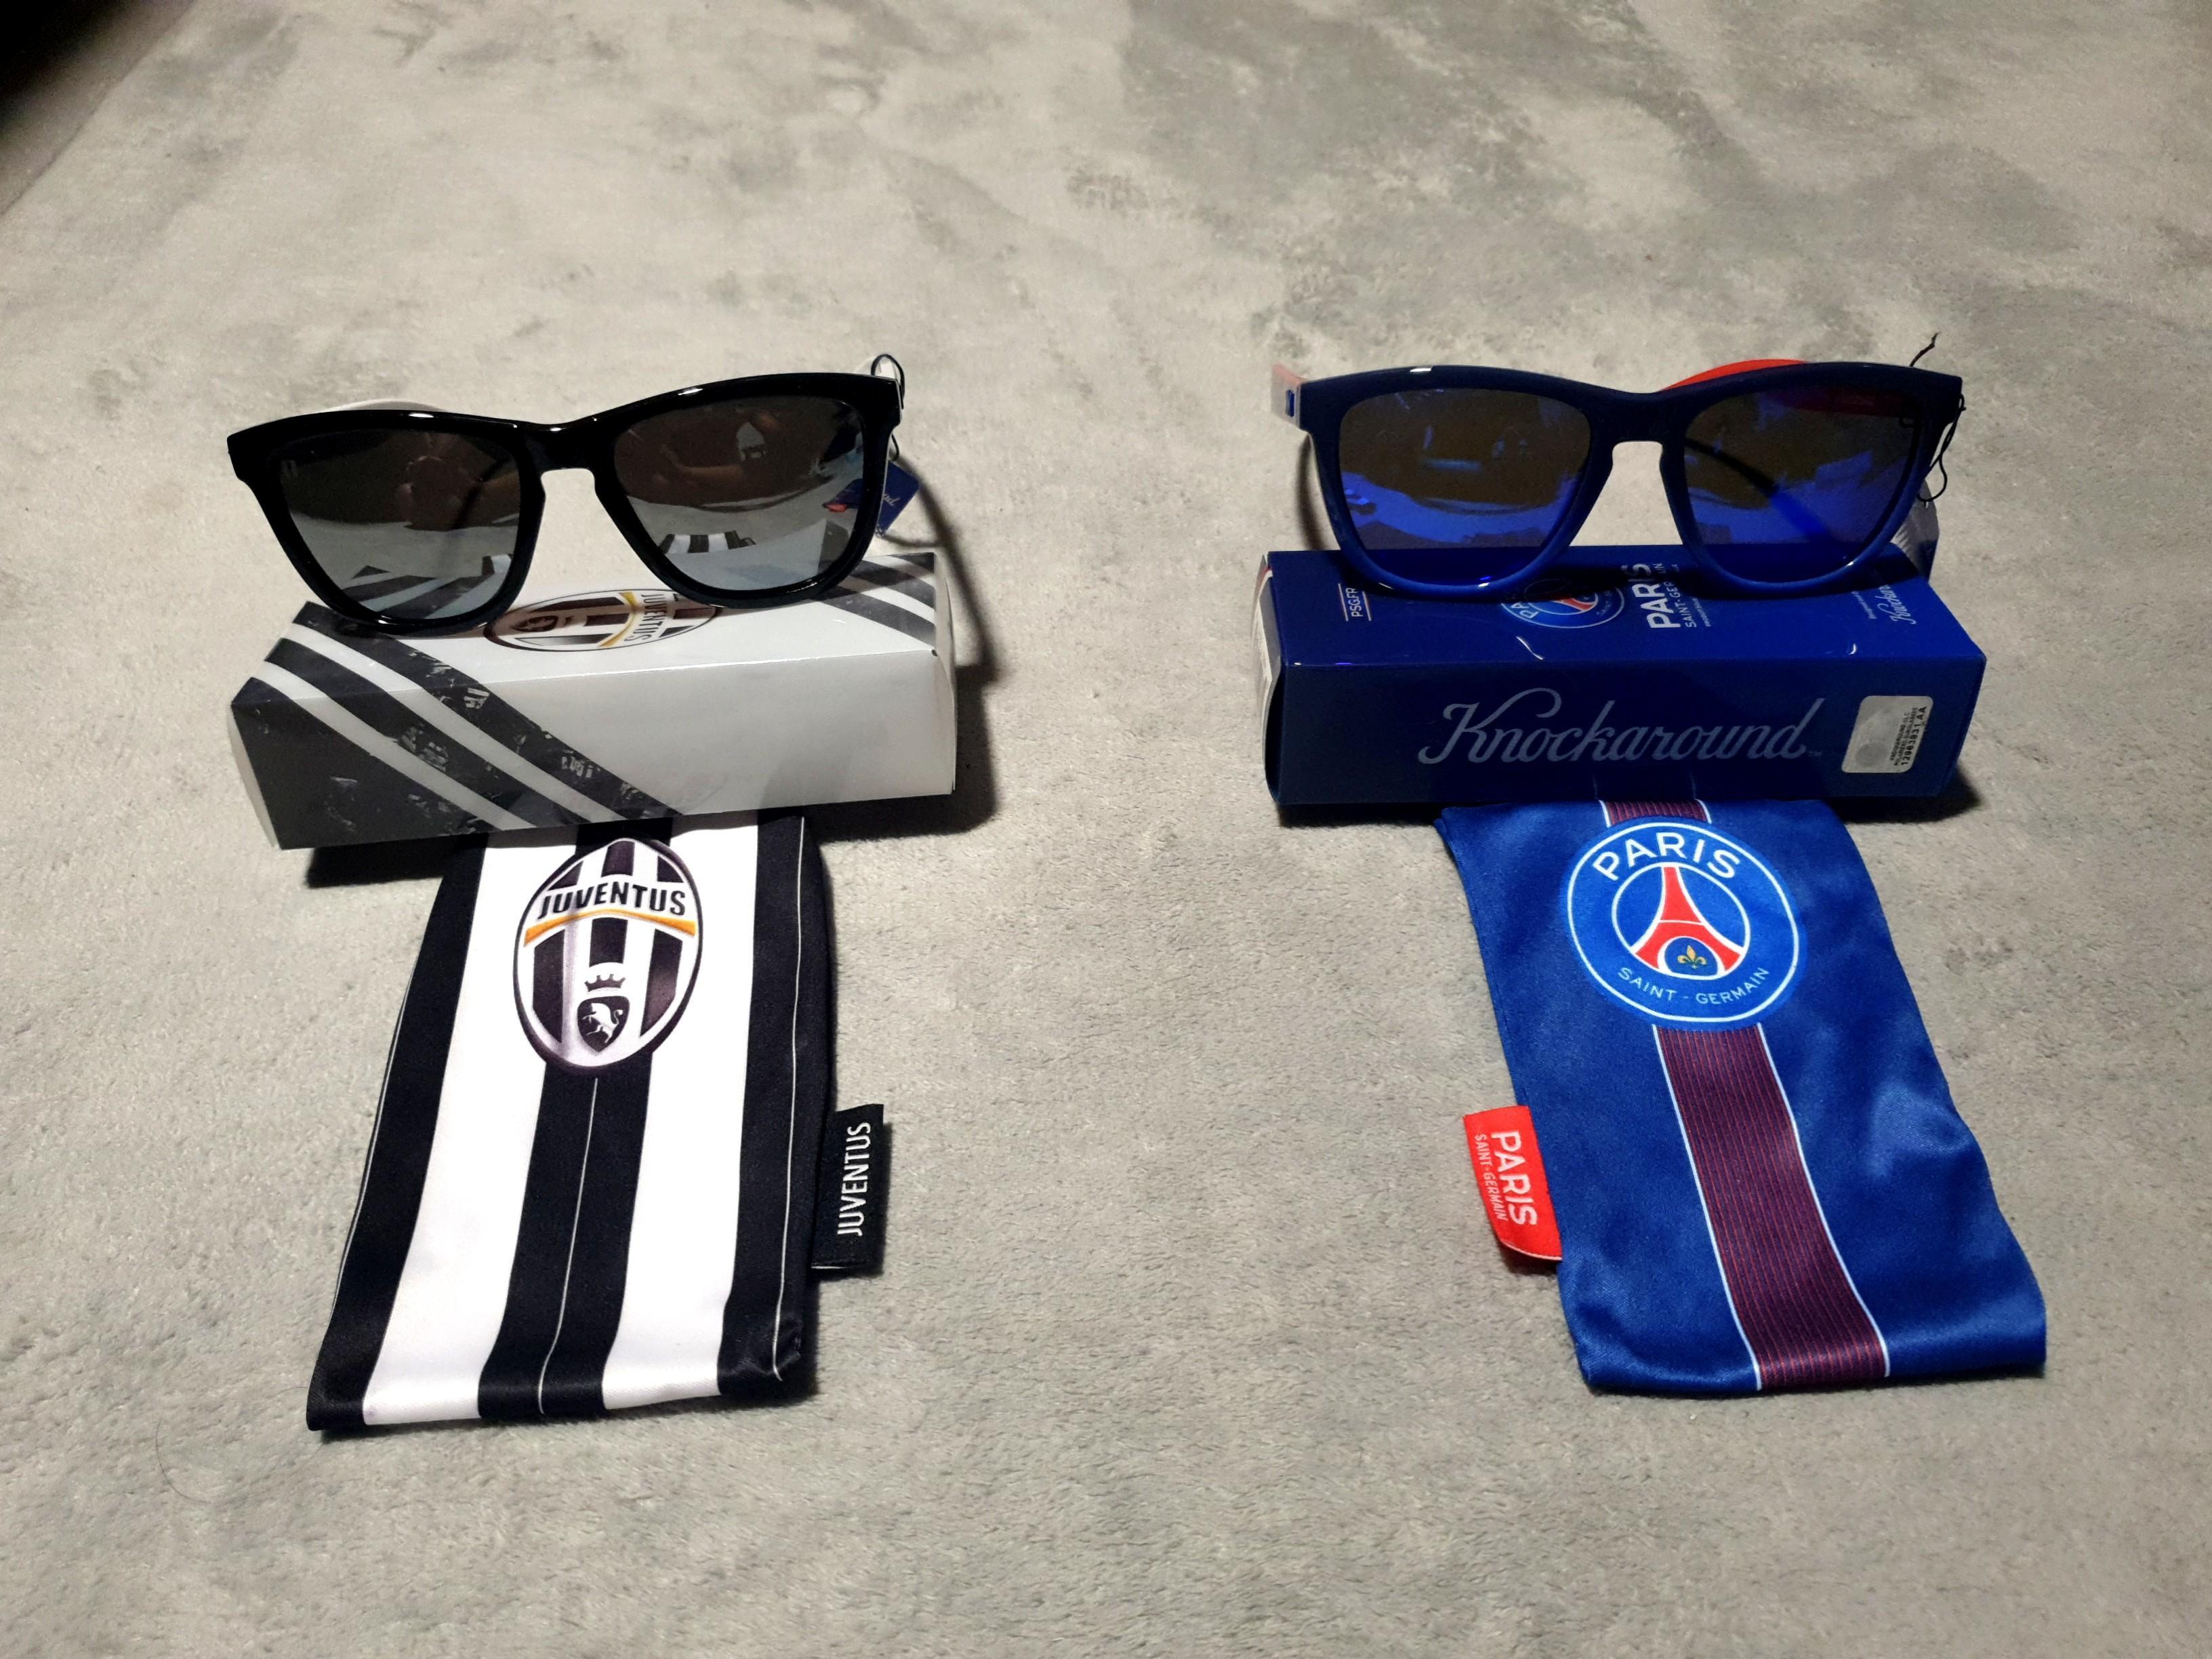 Knockaround x Juventus / Paris Saint Germain